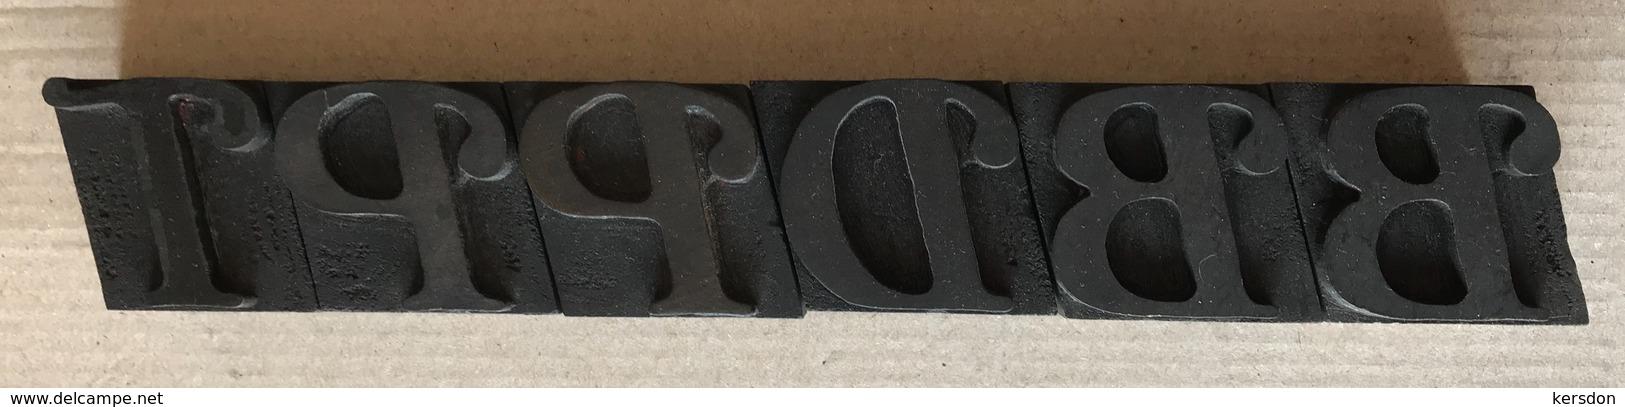 Lettres Typographiques Spéciales En Bois (6) De 35 Mm De Haut - Technical